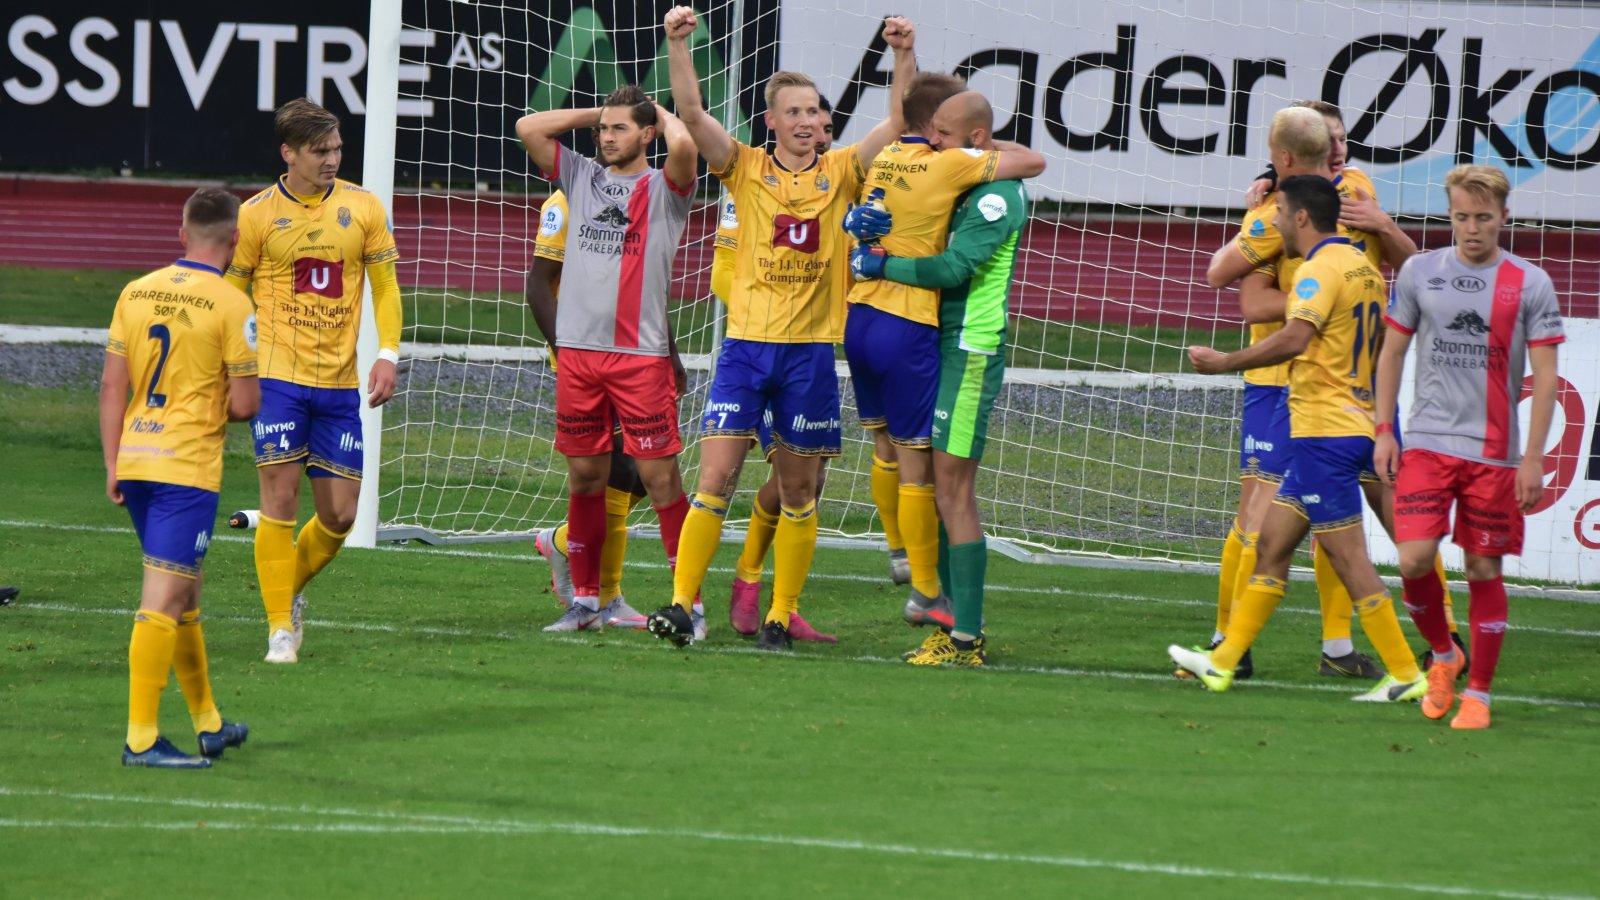 Foto: Jan Skaregrøm